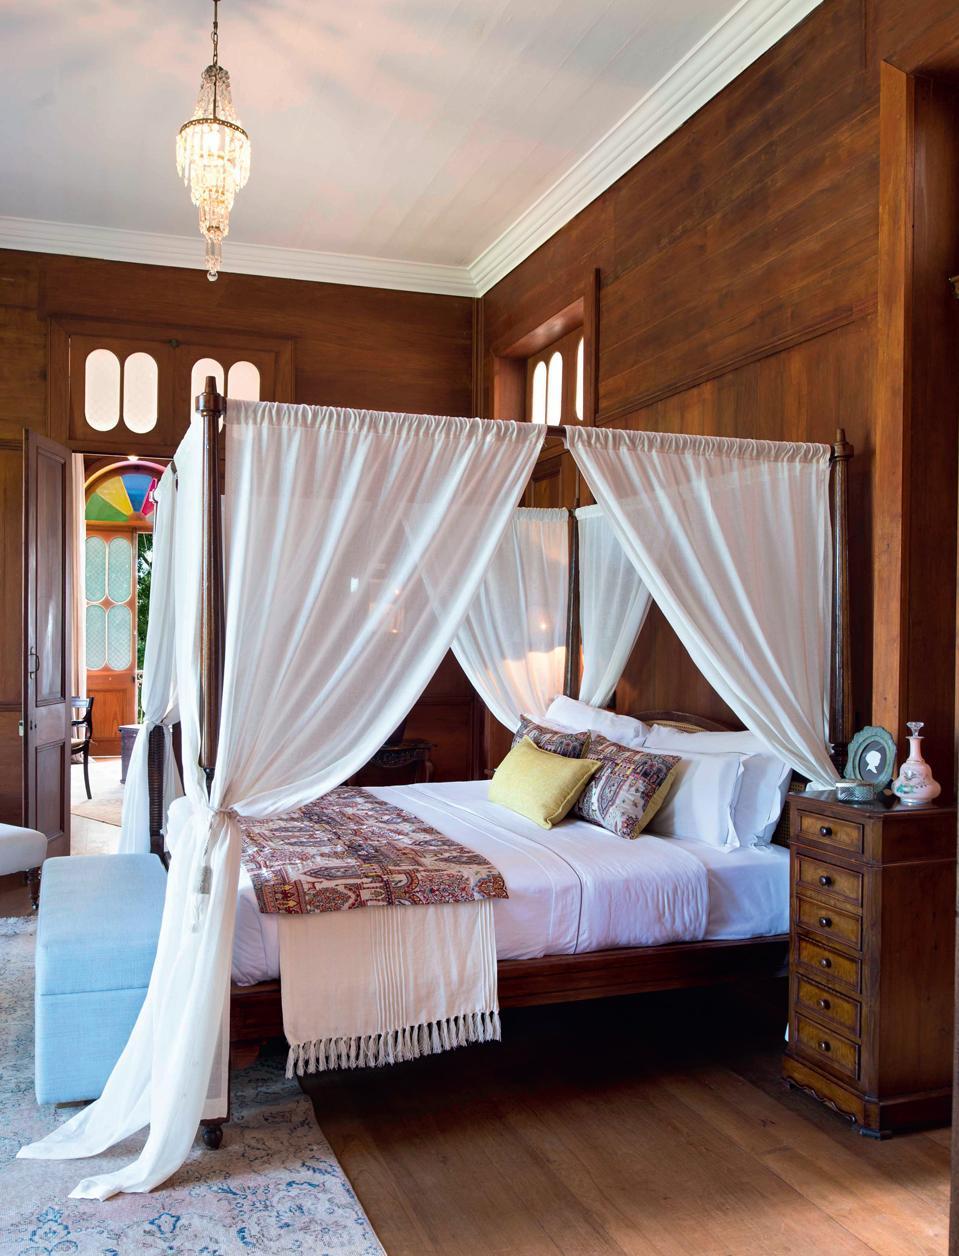 Балдахин над кроватью в английском стиле